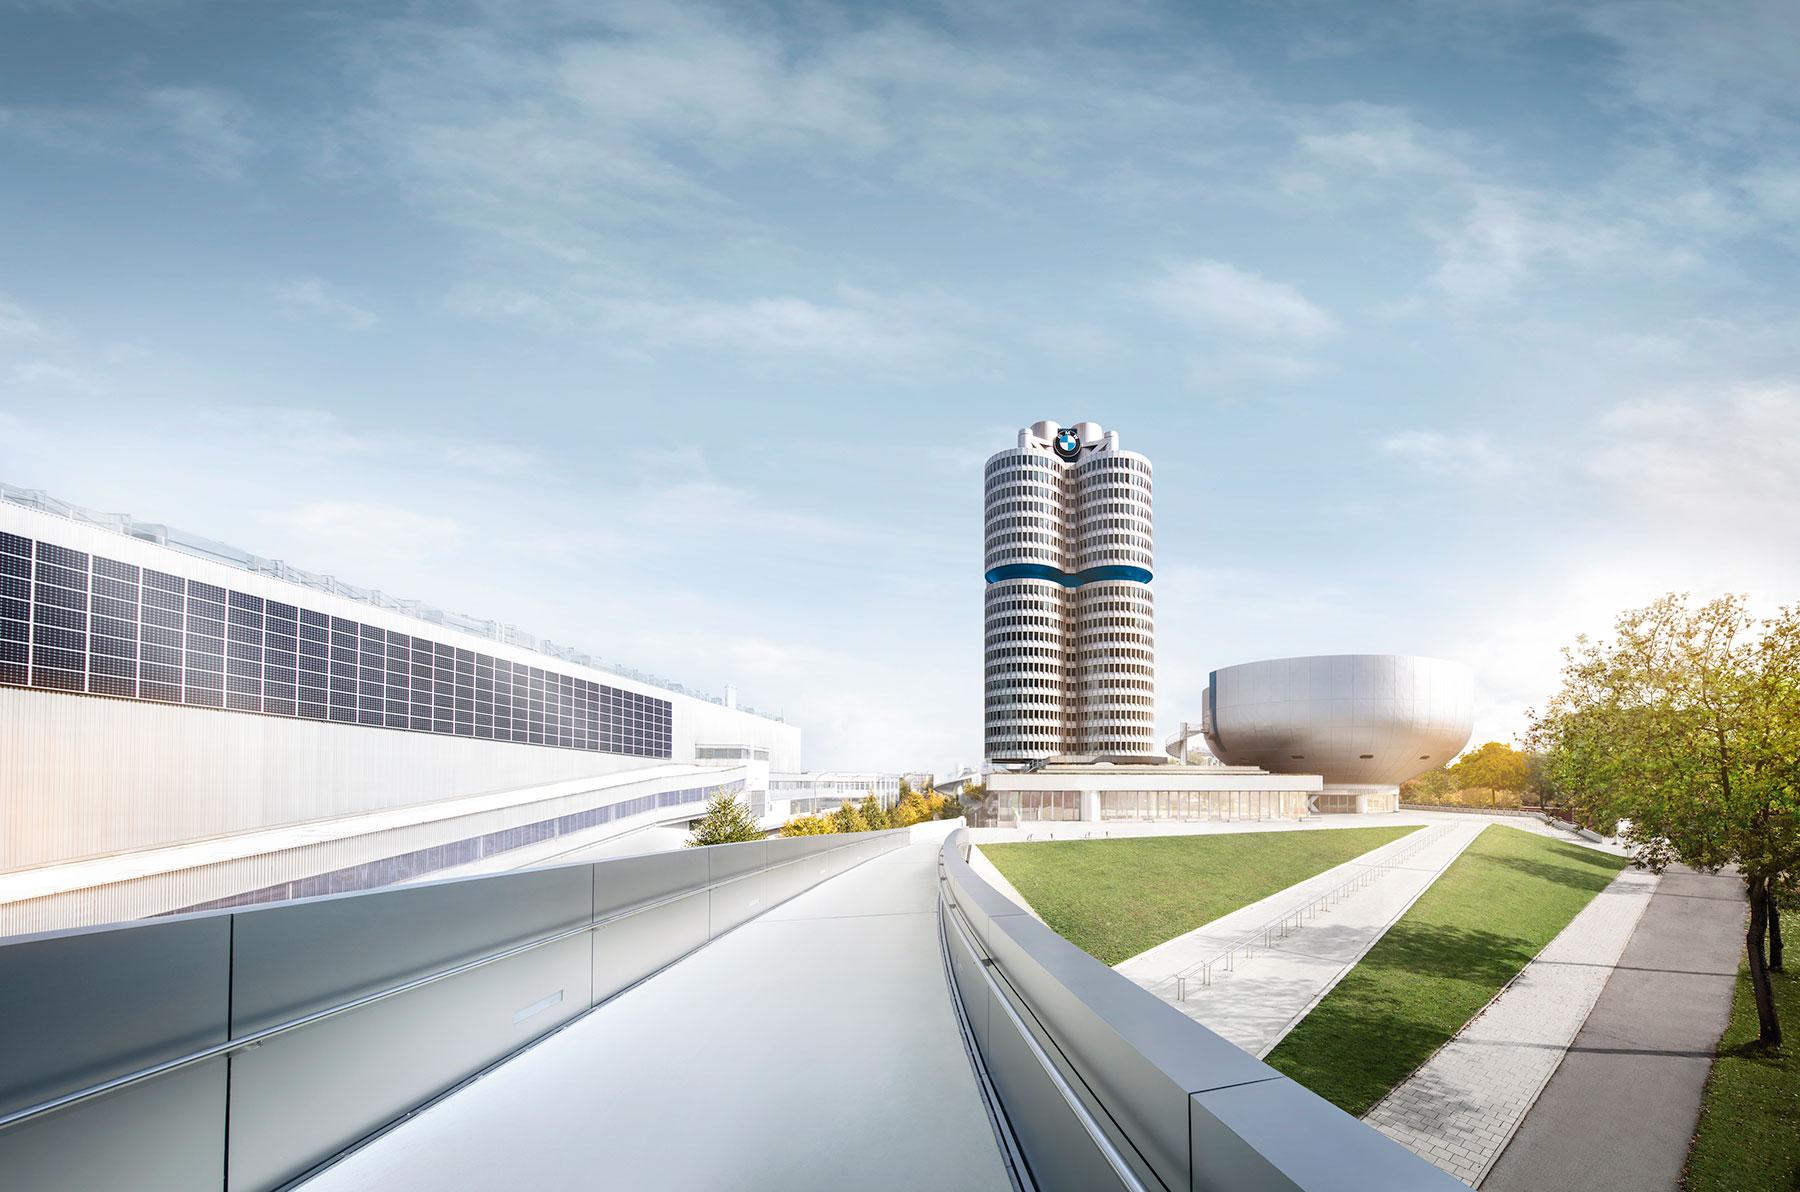 Dienstag-News: Porsche auf der Autobahn, ifo zeichnet düstere Aussichten, BMW meldet über 20% Rückgang, China verlängert E-Fahrzeug-Subventionen